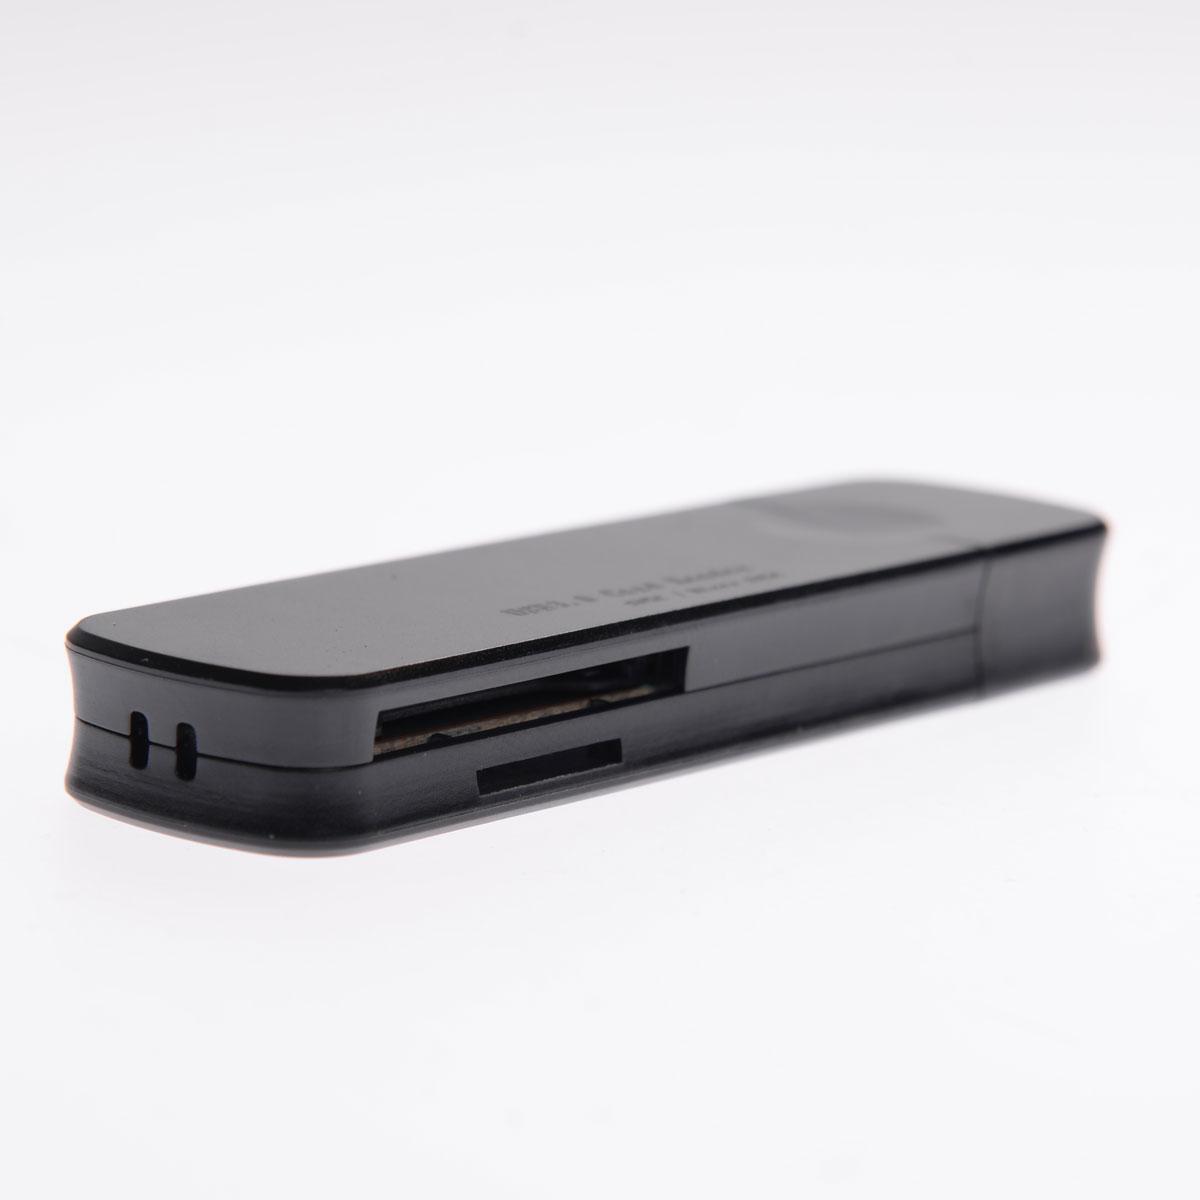 Card Reader USB 3.0  51126-Μαύρο - 1252 32327 + Μαύρο